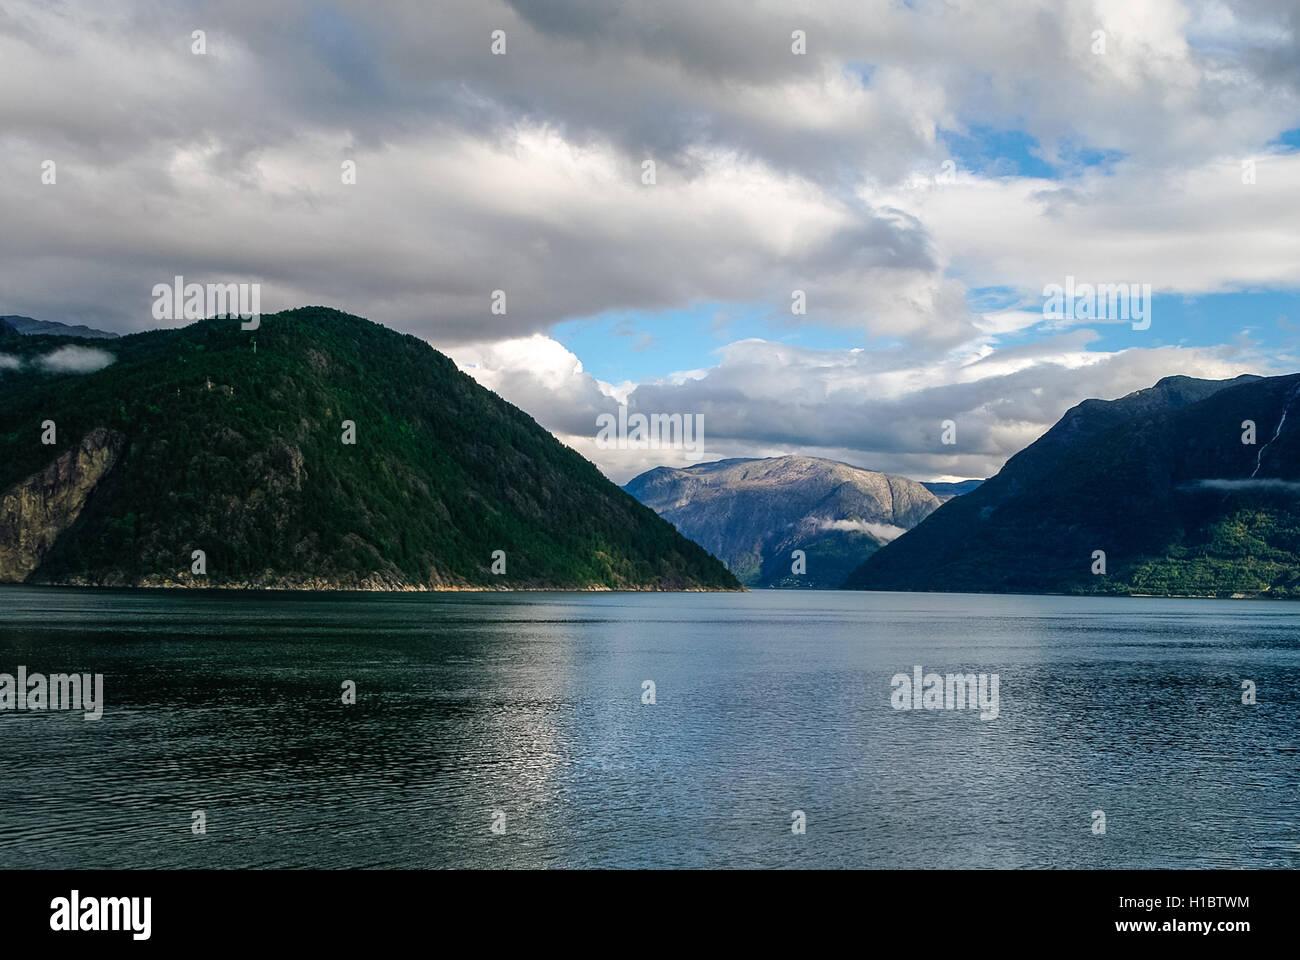 Ciel nuageux sur les banques du fjord. Les montagnes avec des forêts vertes, Eidfjord, Norvège Photo Stock